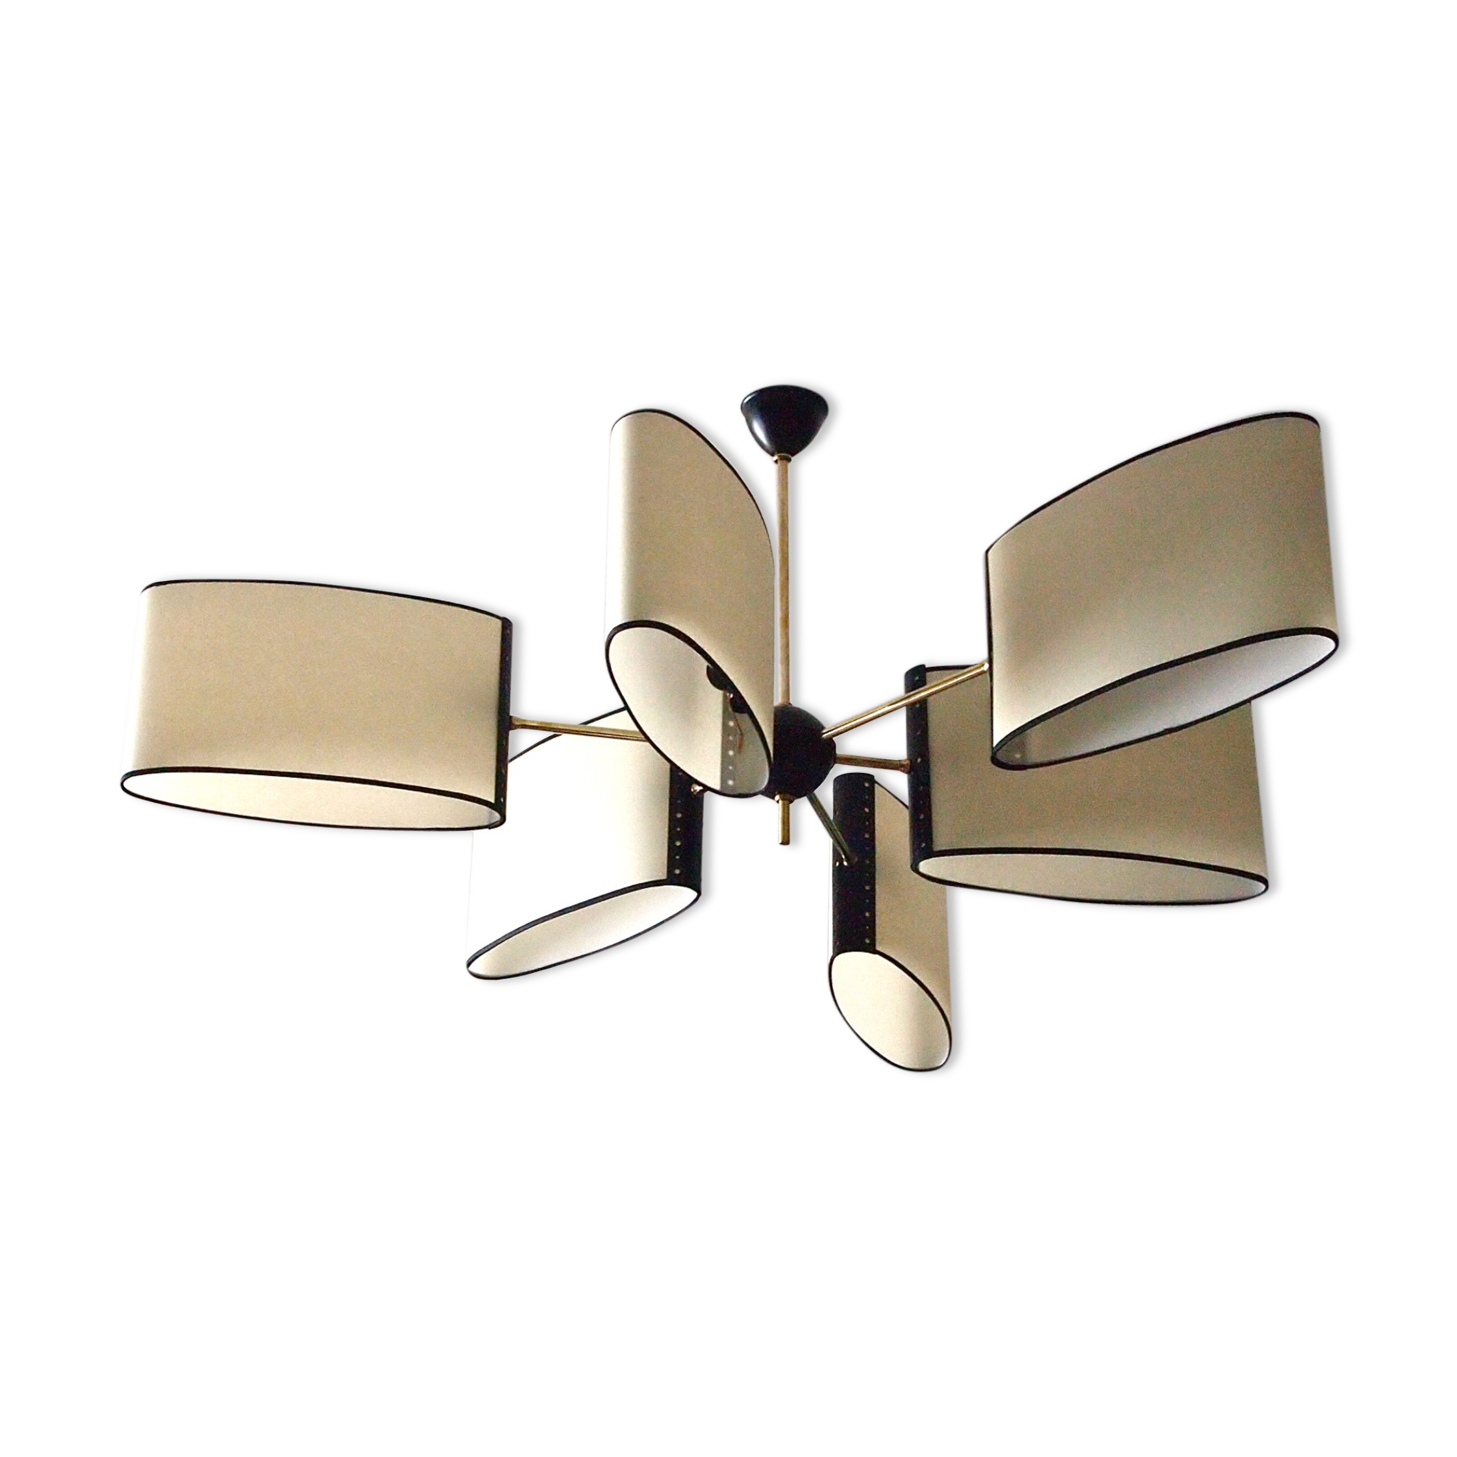 lustre billard pas cher casadisagne lustre lustre billard with lustre billard pas cher cheap. Black Bedroom Furniture Sets. Home Design Ideas